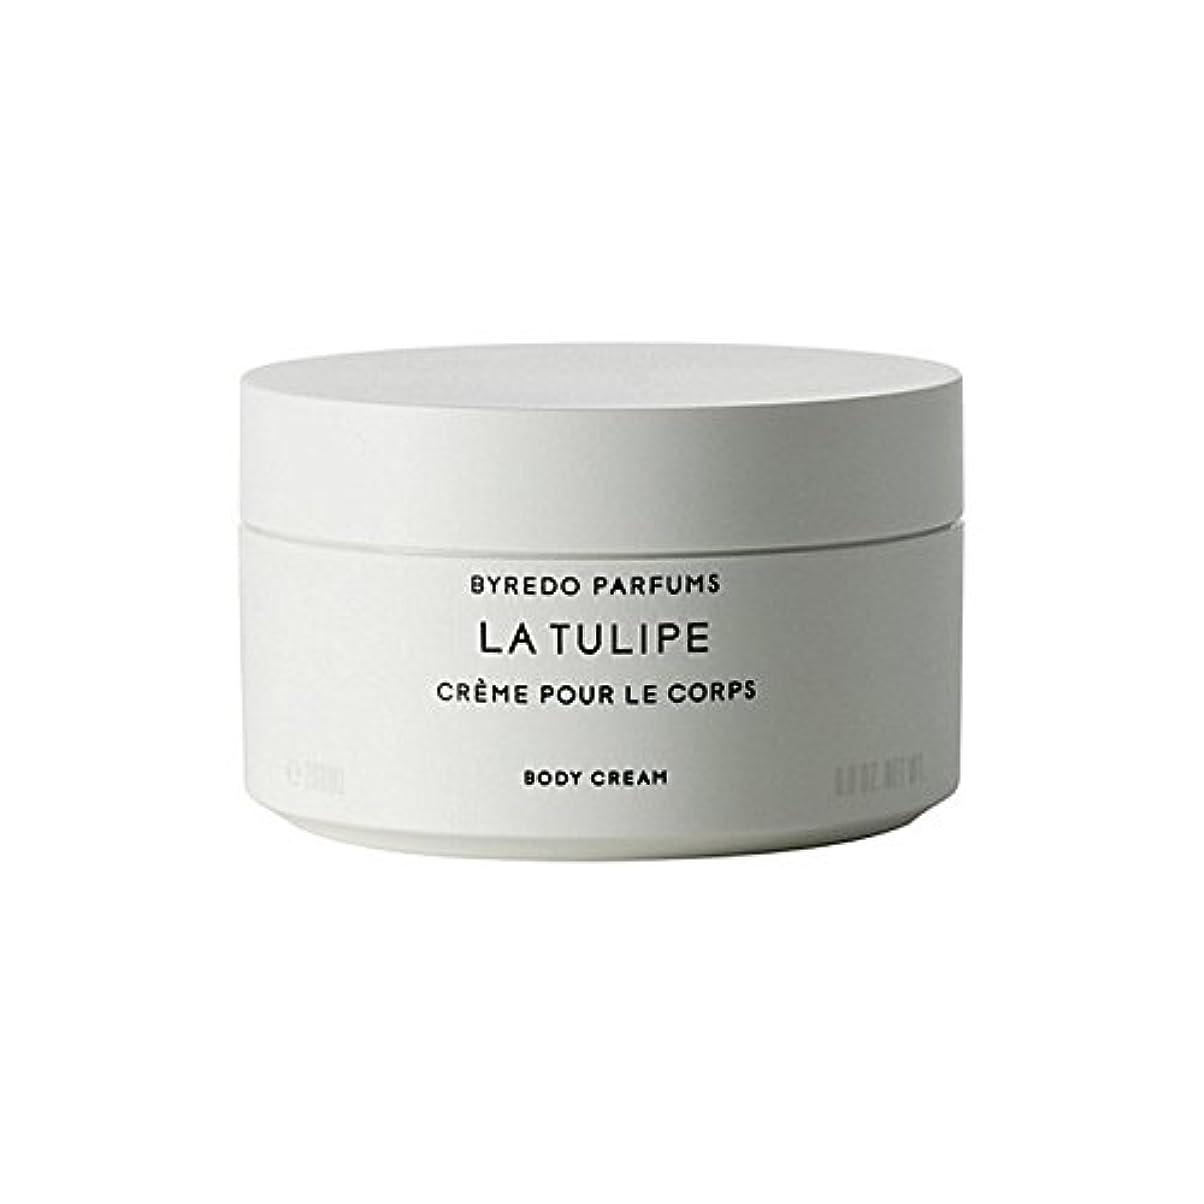 胸レモン休暇ラチューリップボディクリーム200ミリリットル x2 - Byredo La Tulipe Body Cream 200ml (Pack of 2) [並行輸入品]